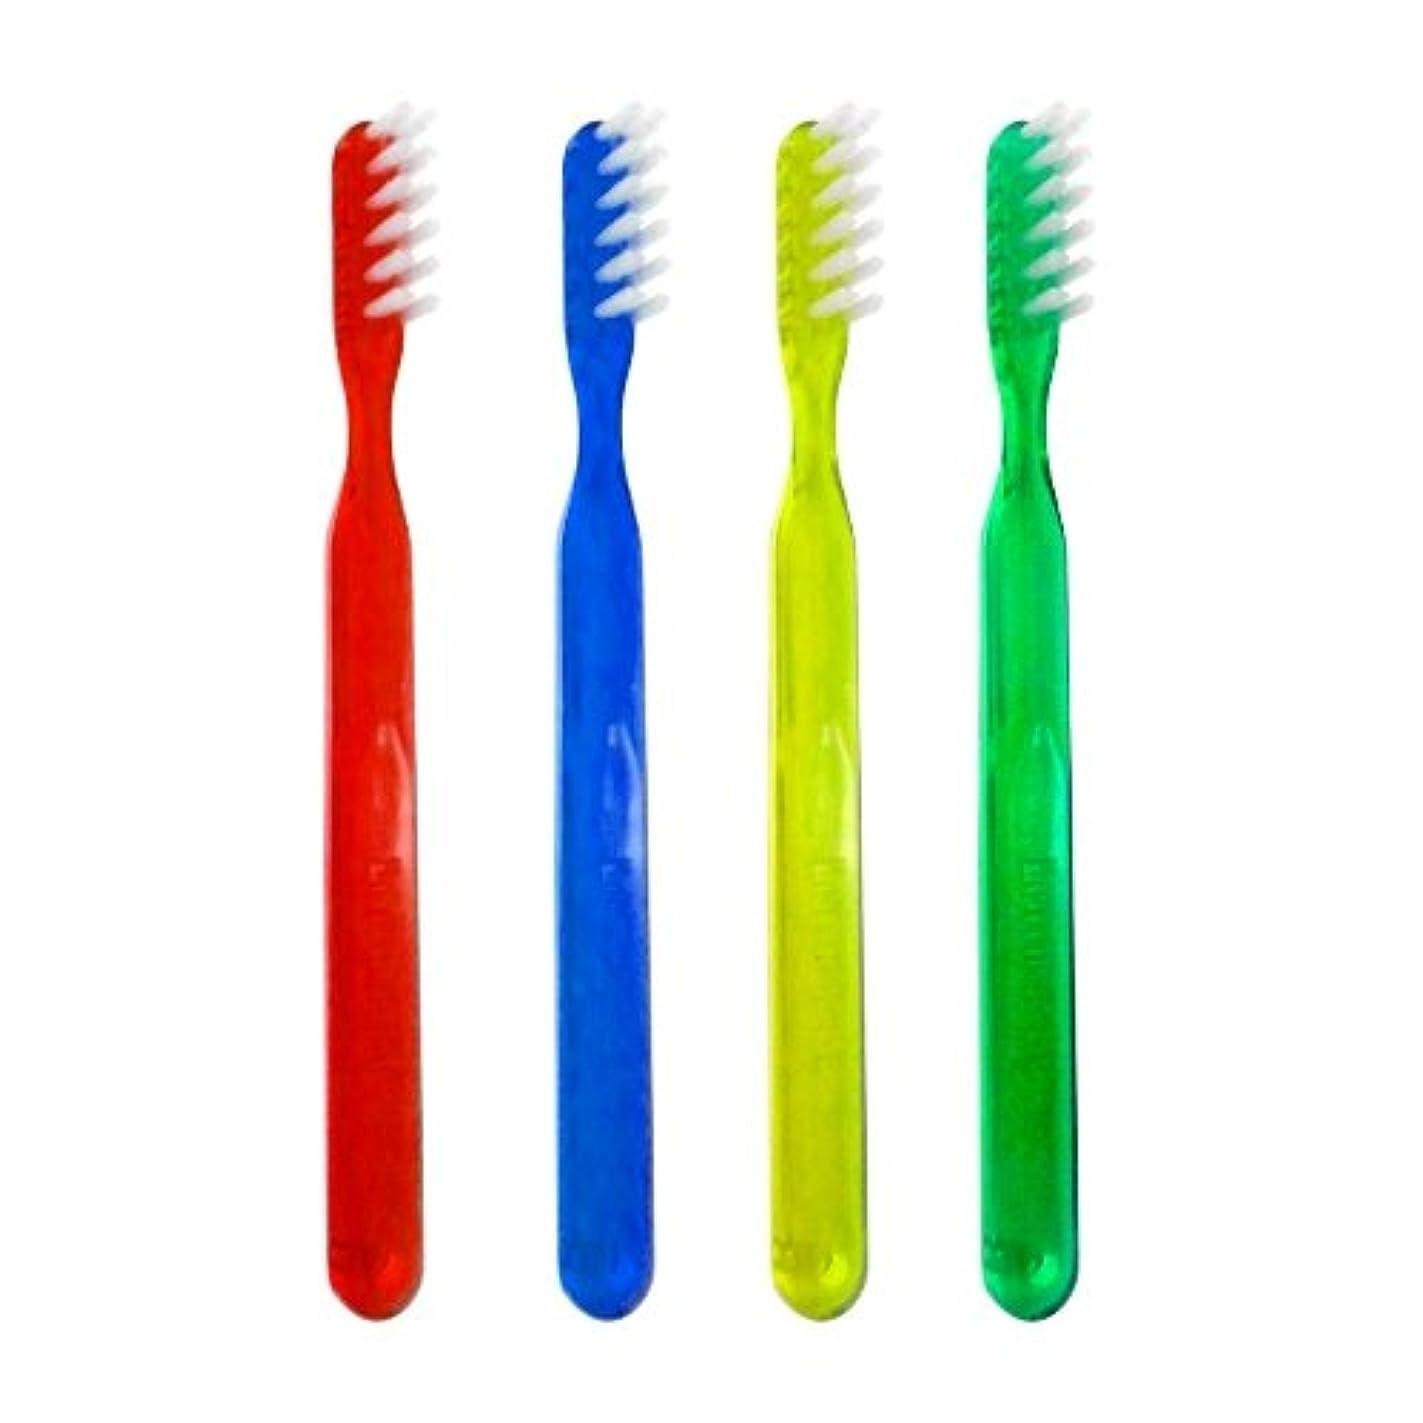 やめる本物試験ヘレウス ルミデント 歯ブラシ 1本 ローリングM